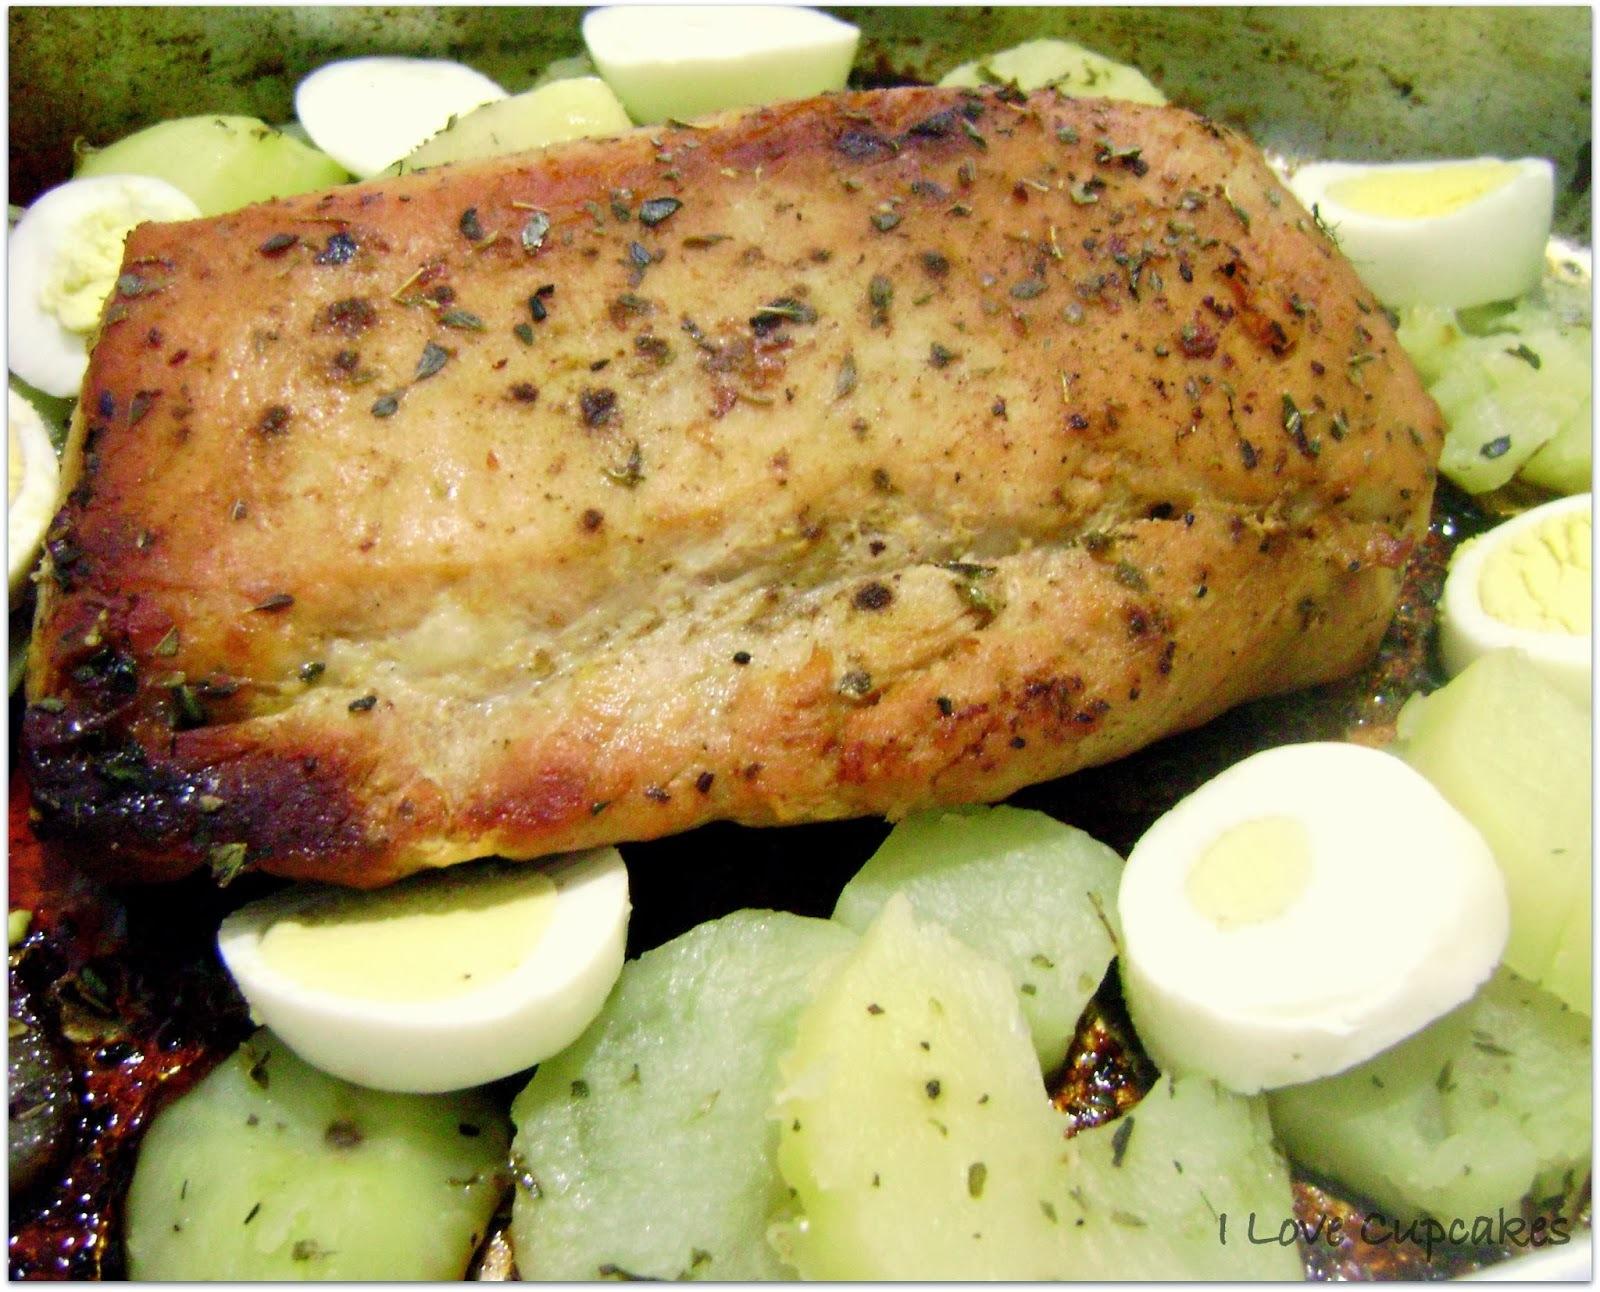 Lombo Suíno assado com batatas